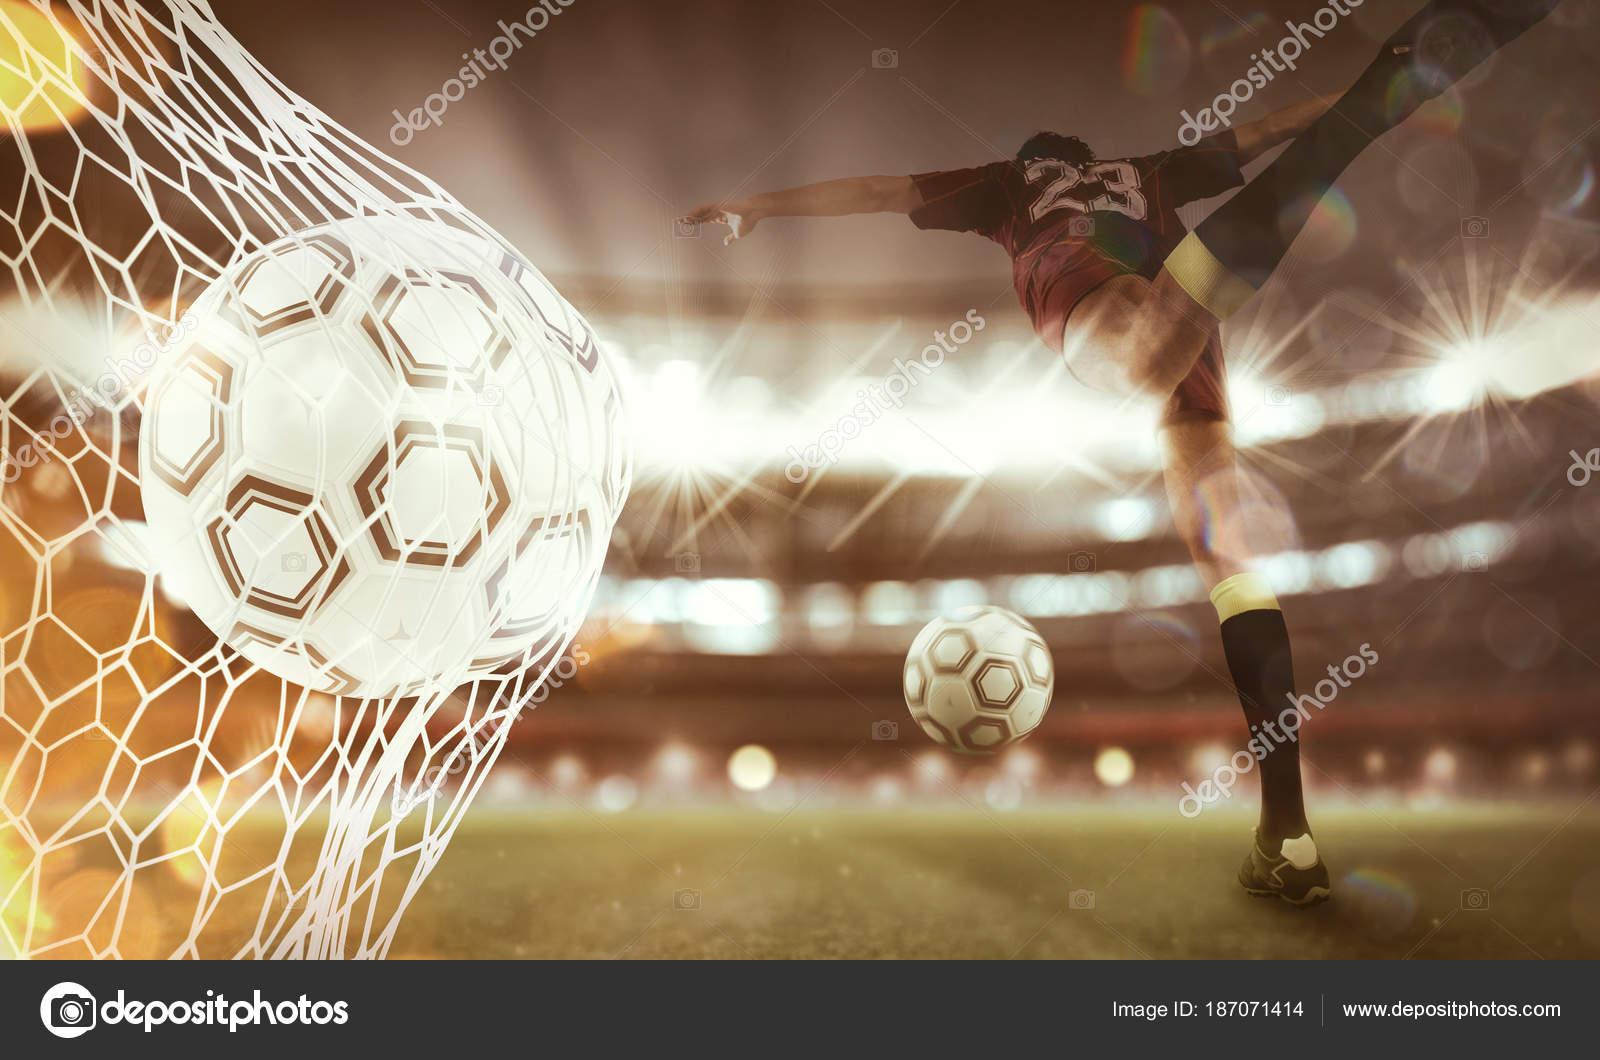 Plano de fundo de uma bola de futebol marca um gol na net. renderização 3D 967823fa8ef98